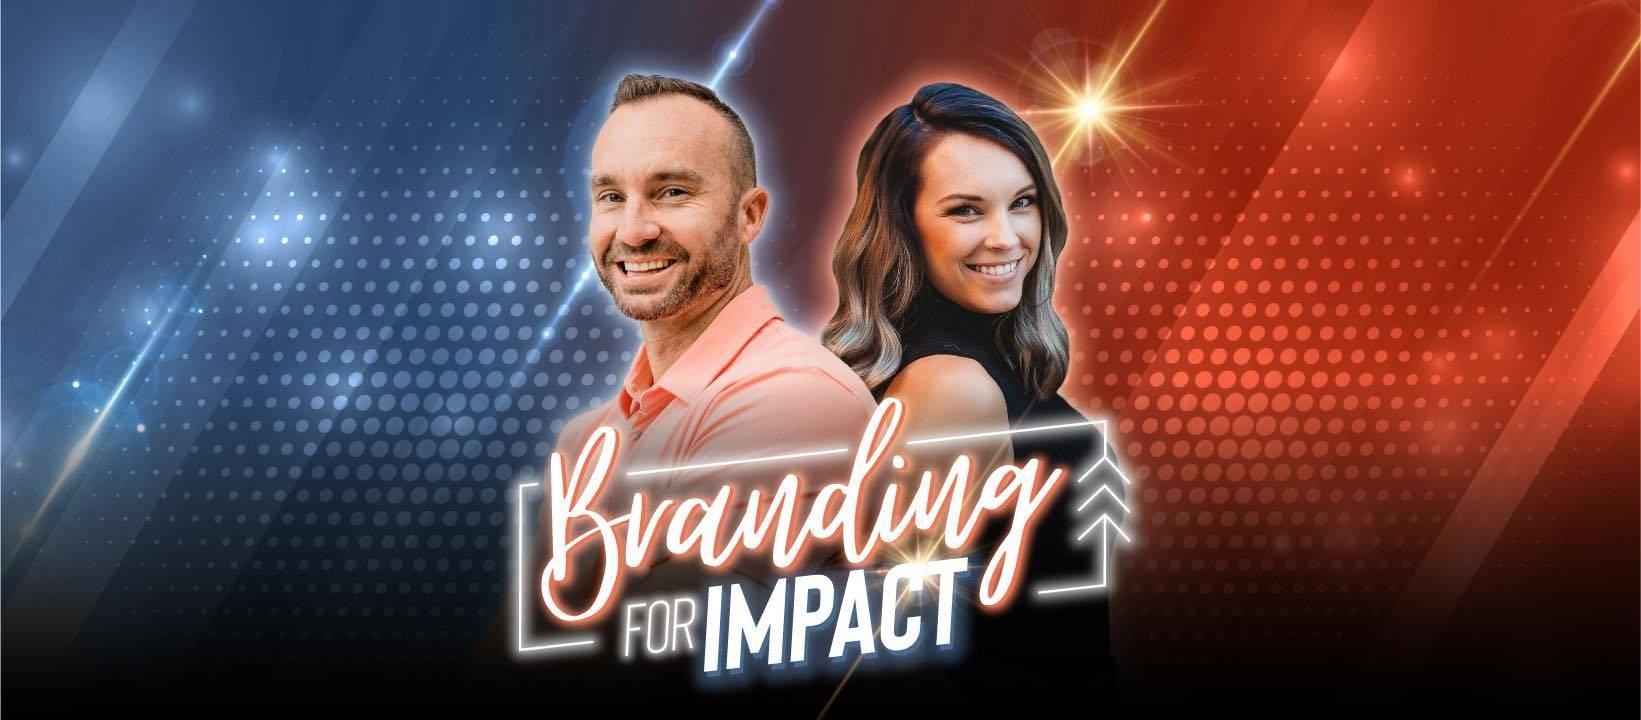 Branding for Impact